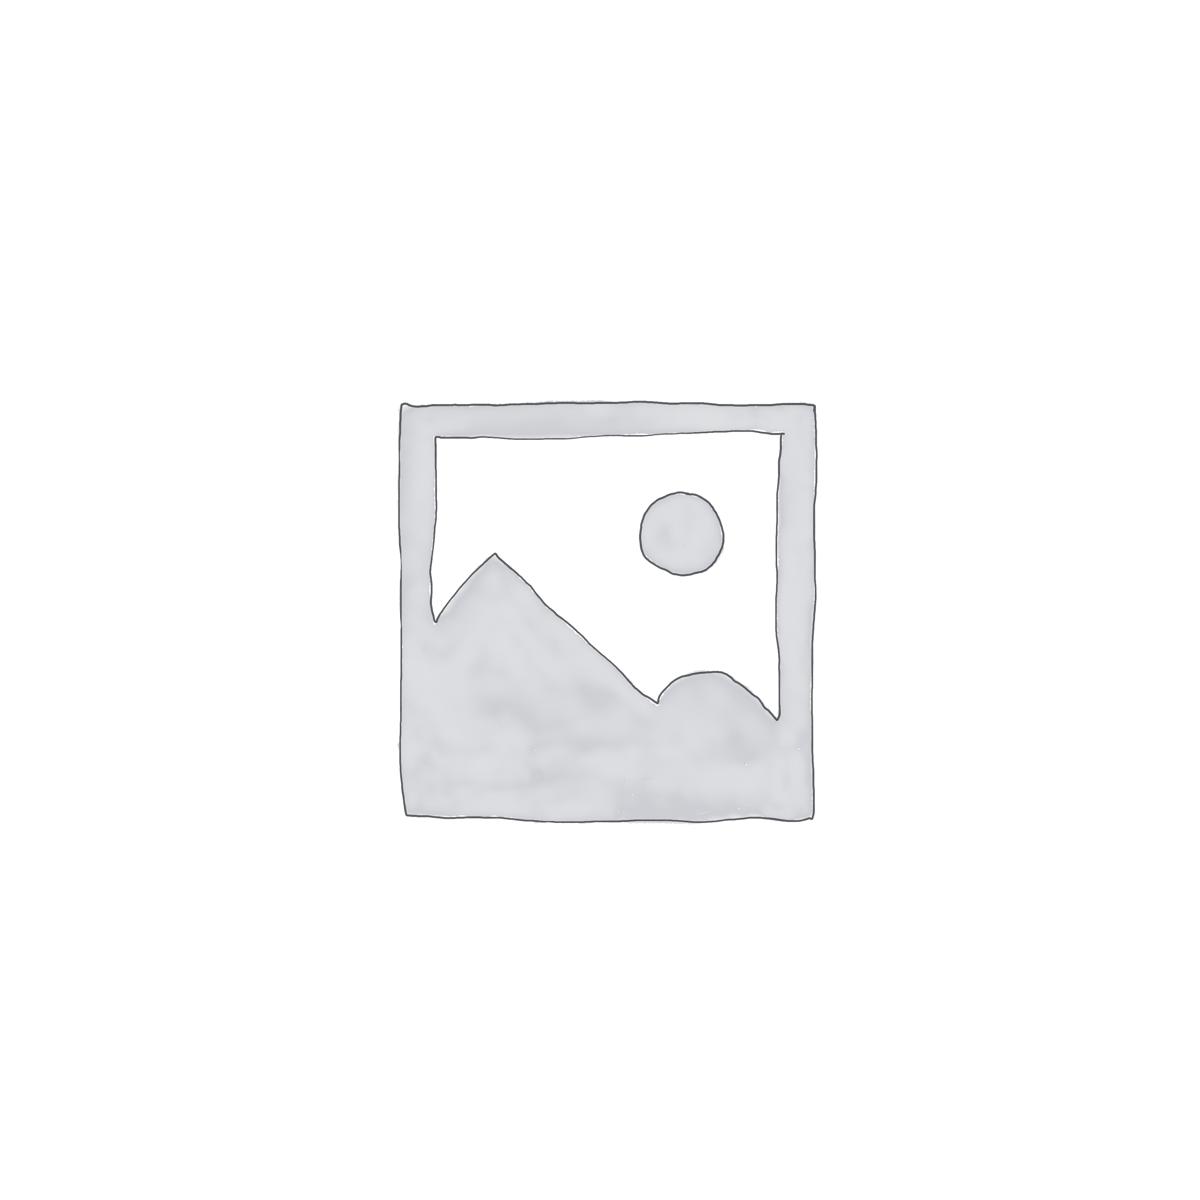 DJI Mavic 2 Pro Accessories